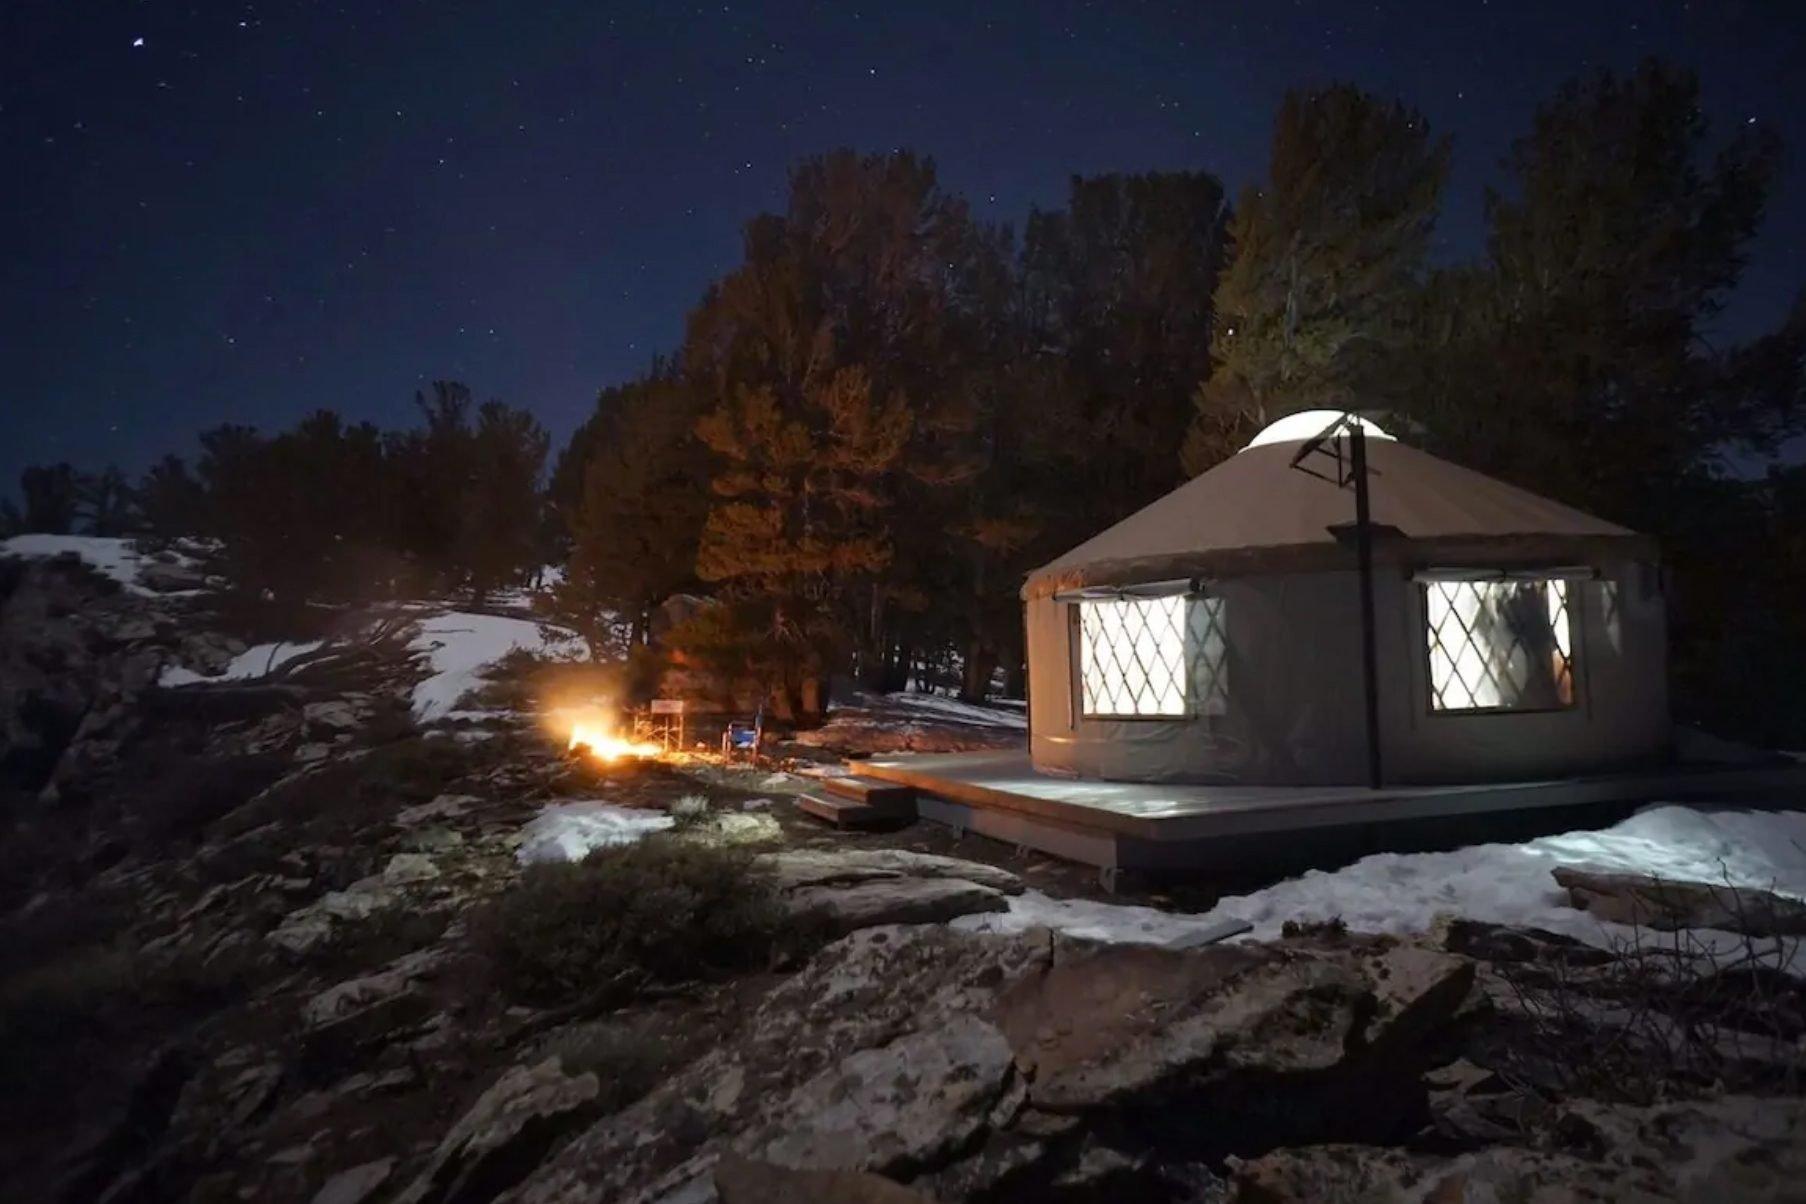 Ruby High Yurt, in Lamoille, Nevada